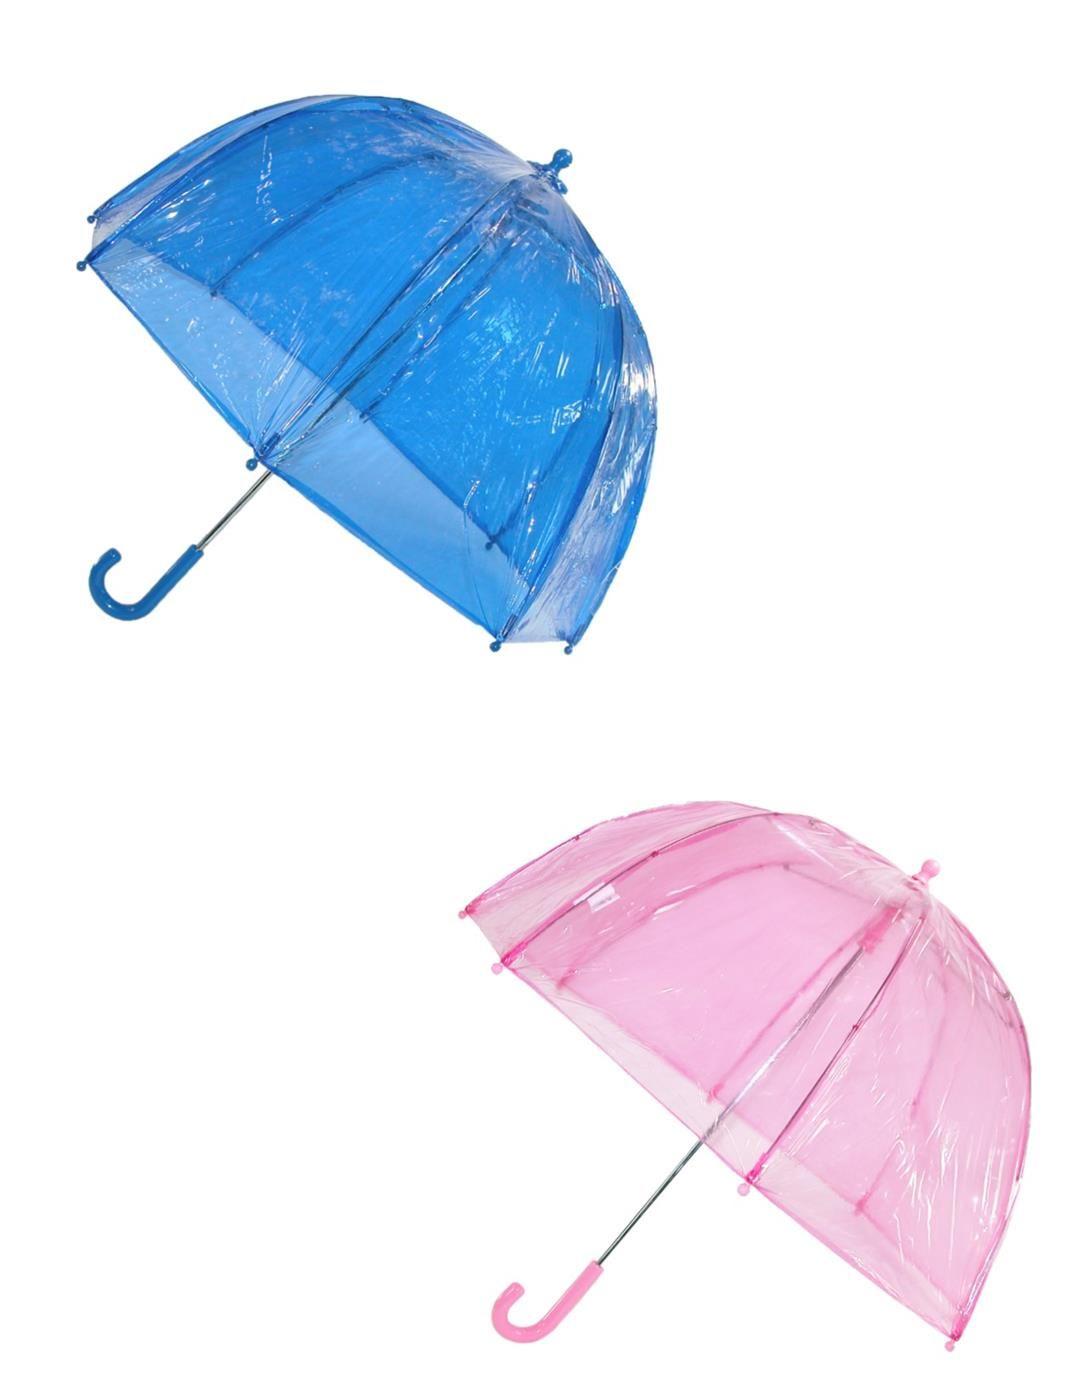 totes kids u0027 clear bubble umbrella pack of 2 bubble umbrella